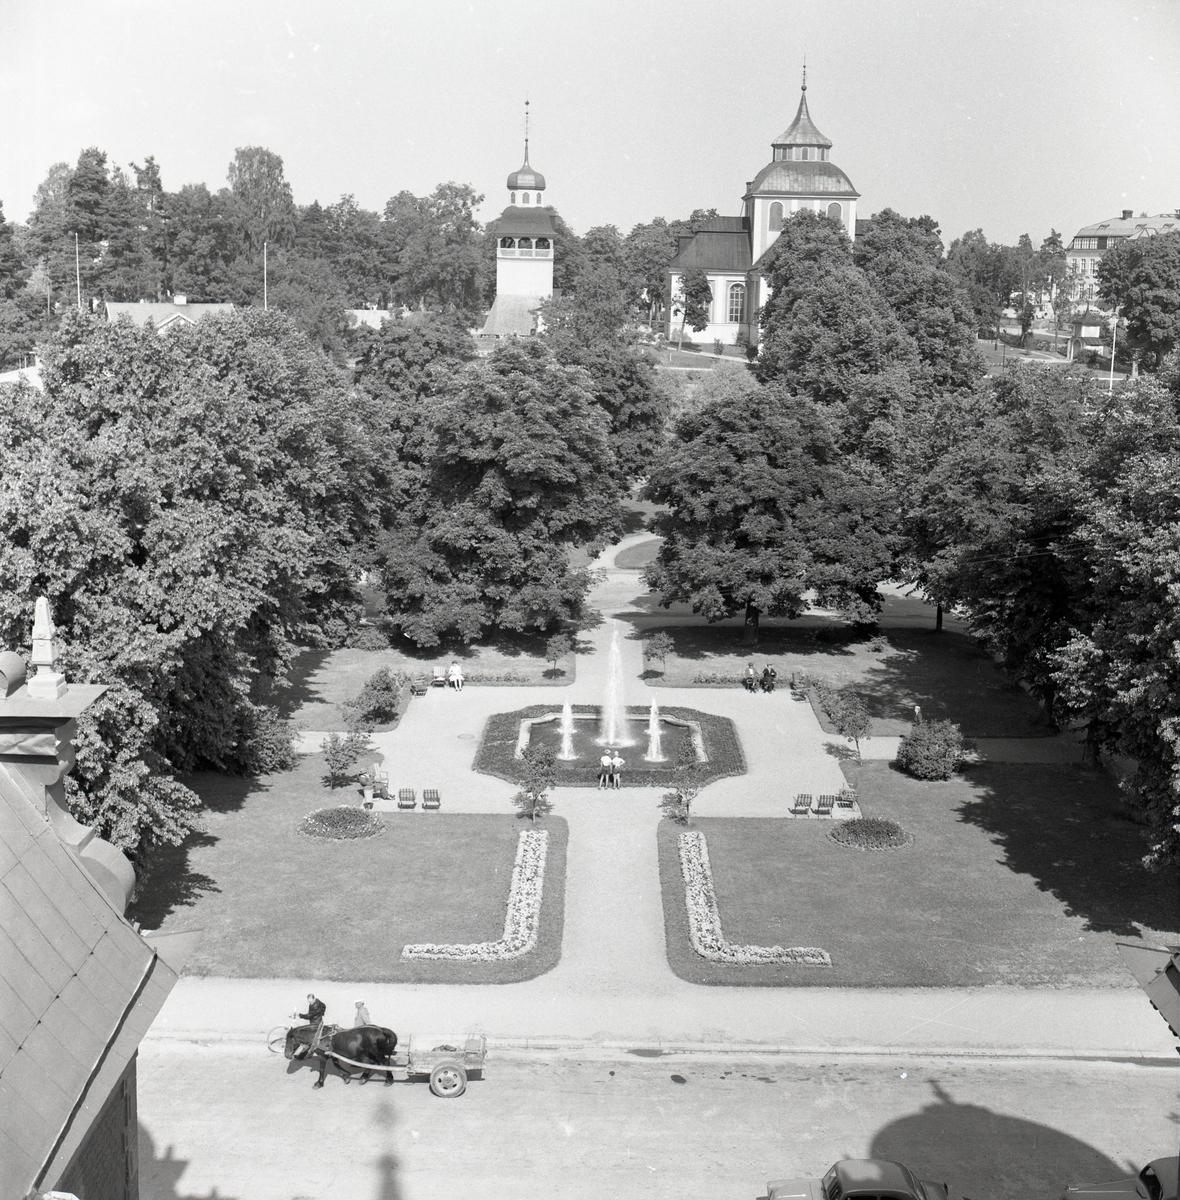 Vy från Söderhamns rådhus över parken med Ulrika Eleonora kyrka i bakgrunden. På gatan nedanför passerar en häst med vagn, 1955.